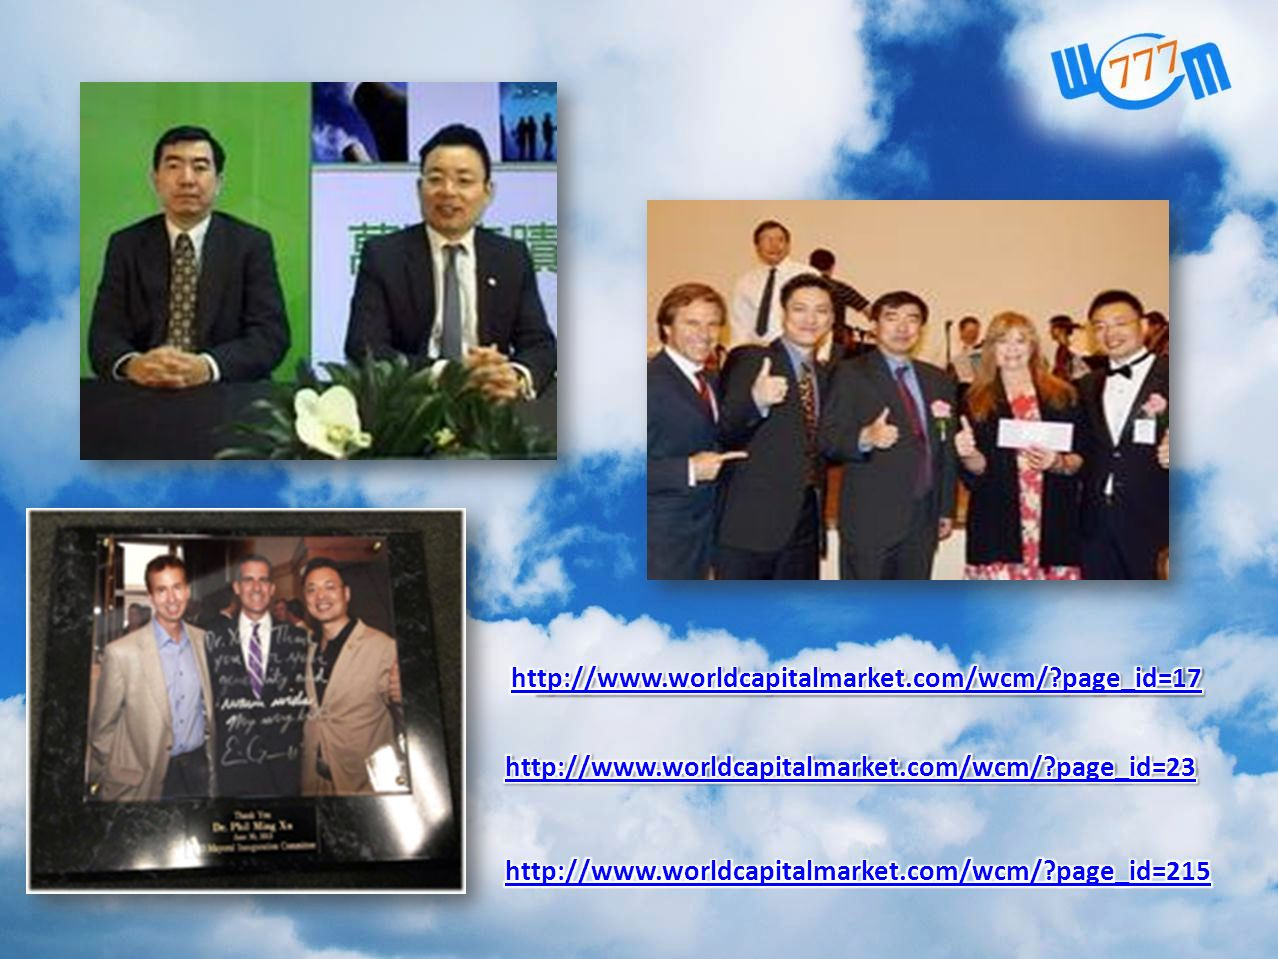 http://www.worldcapitalmarket.com/wcm/ page_id=17 http://www.worldcapitalmarket.com/wcm/ page_id=23.